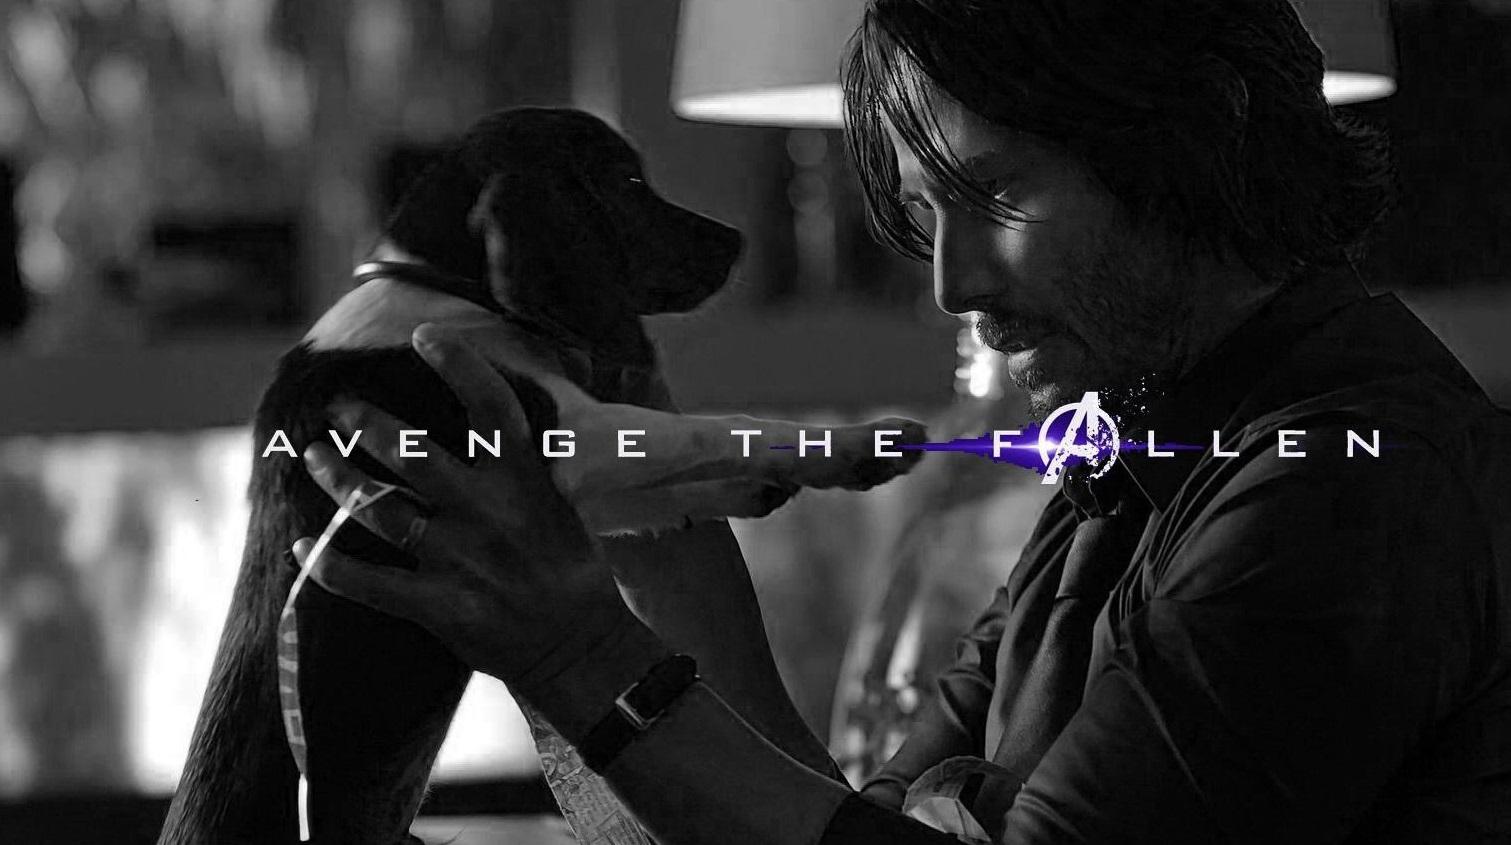 szmk_avengers_endgame_avenge_the_fallen_meme_bosszuallok_vegjatek_disney_mem_john_wick1_1.jpg